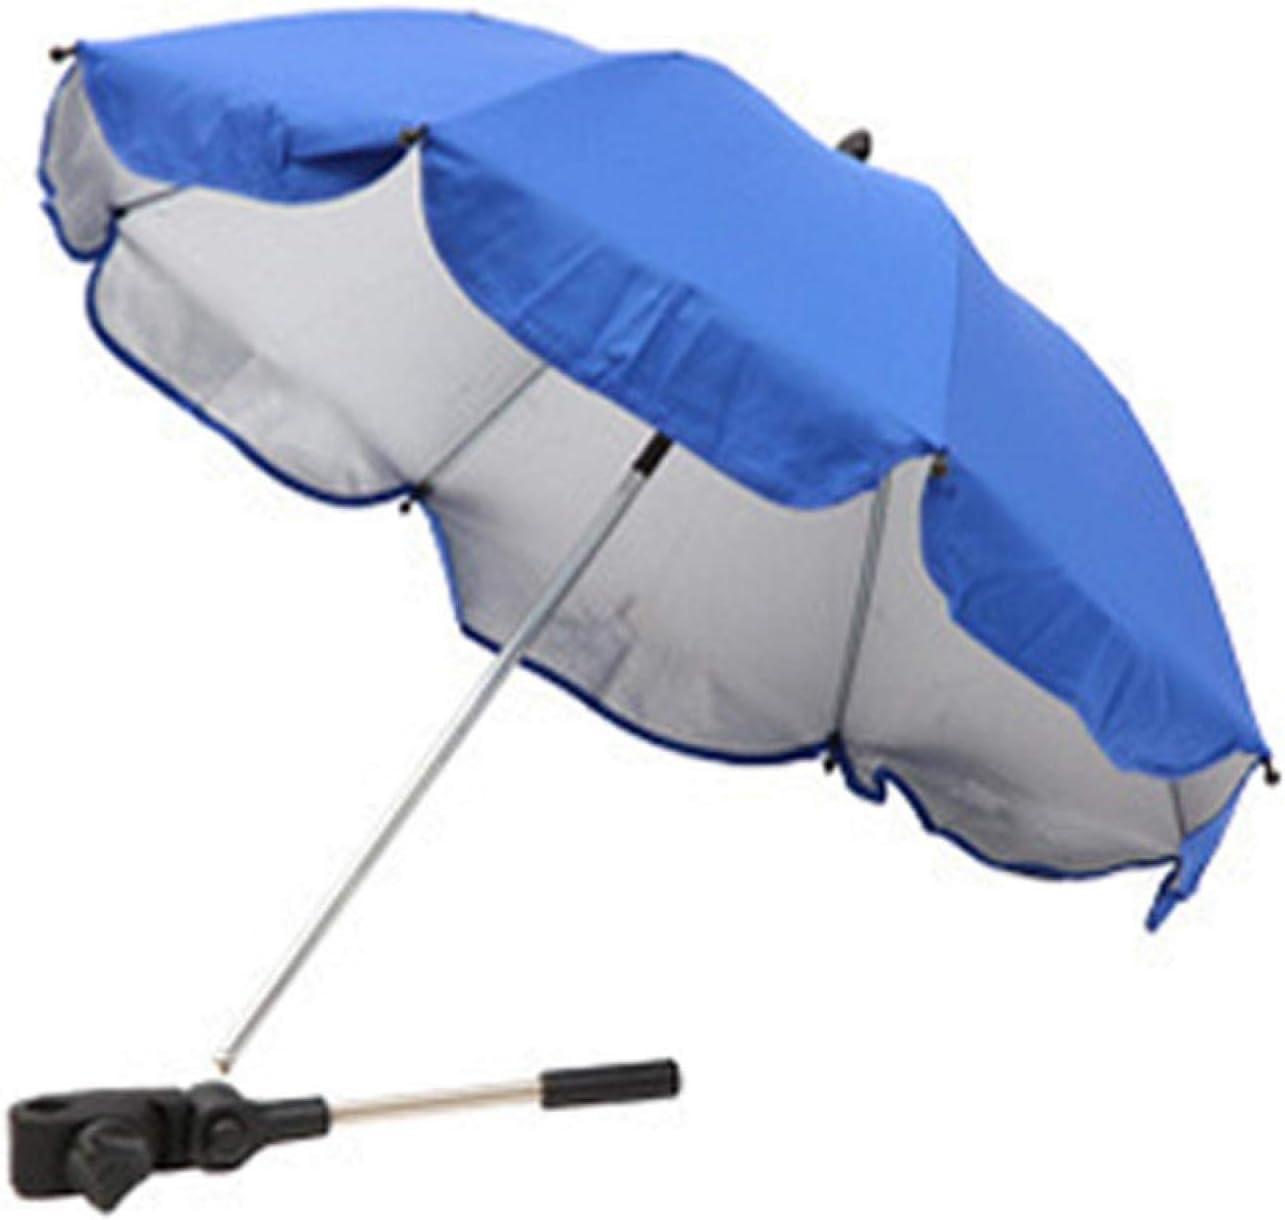 UXELY Push Chair Umbrella, Beach Chair Umbrella, Baby Stroller Clip-On Umbrella Detachable Stroller Umbrella Sun Shade Flexible Arm Manual Open UV Protection Pushchair Umbrella(Sapphire Blue)